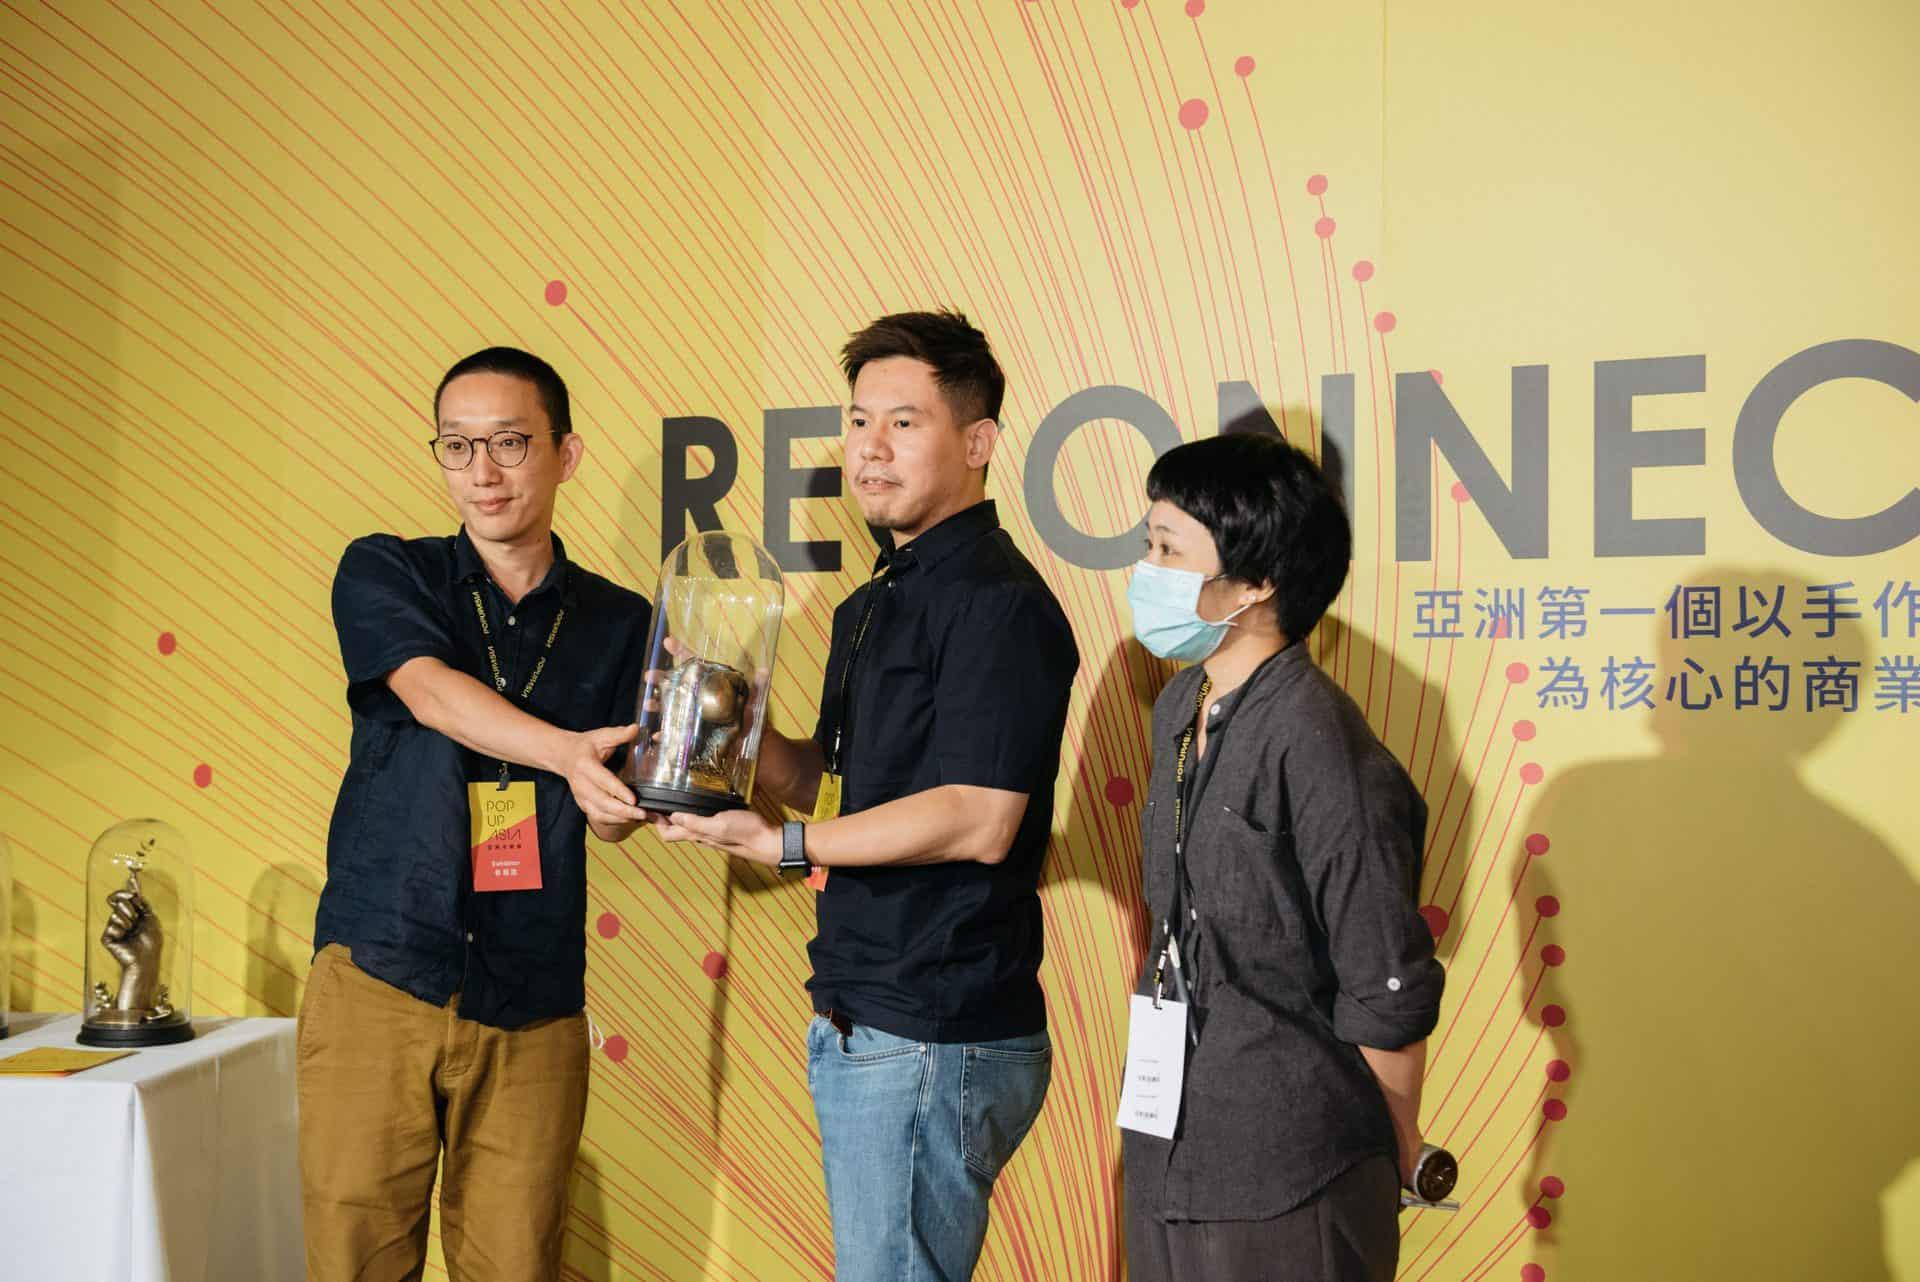 軟水泥生活實驗室獲得了「親手製造-手創大人物獎」